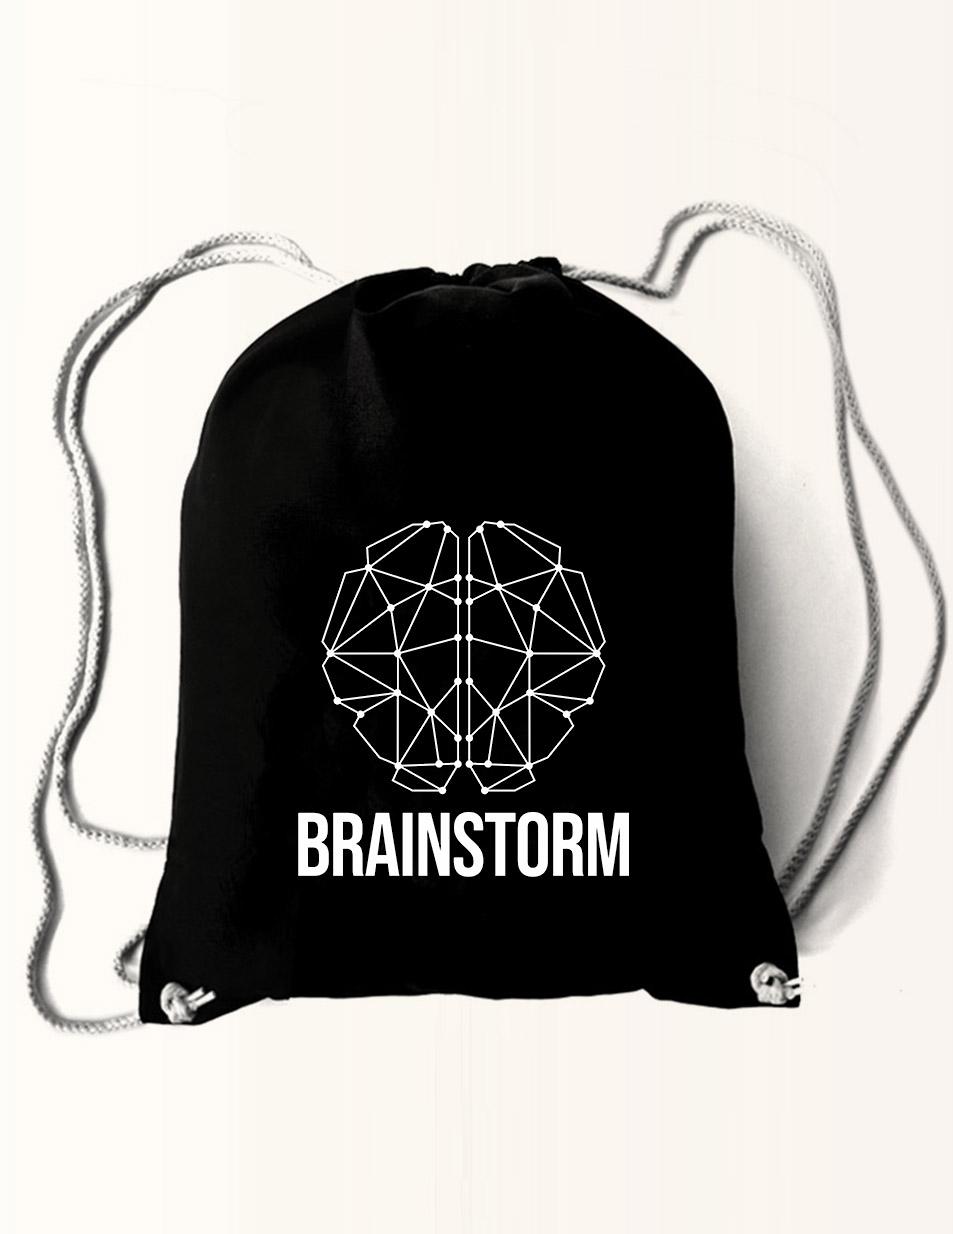 Brainstorm Baumwollrucksack weiß auf schwarz